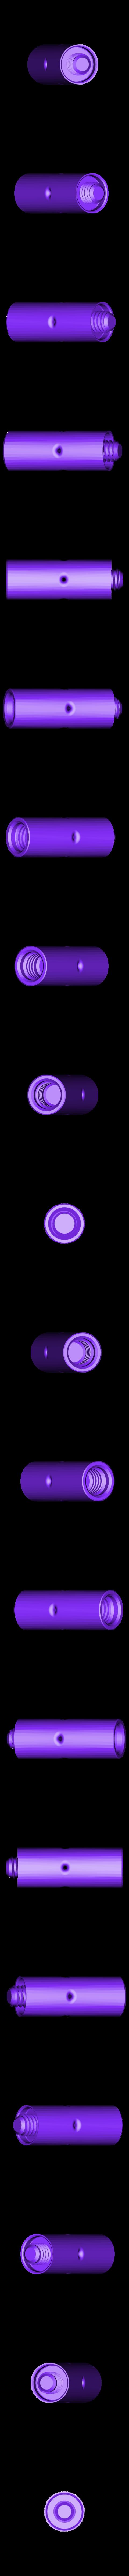 73mm_SmallRod_HatchBox.STL Télécharger fichier STL gratuit Le porte-bobine universel - Page principale • Design pour imprimante 3D, Balkhagal4D